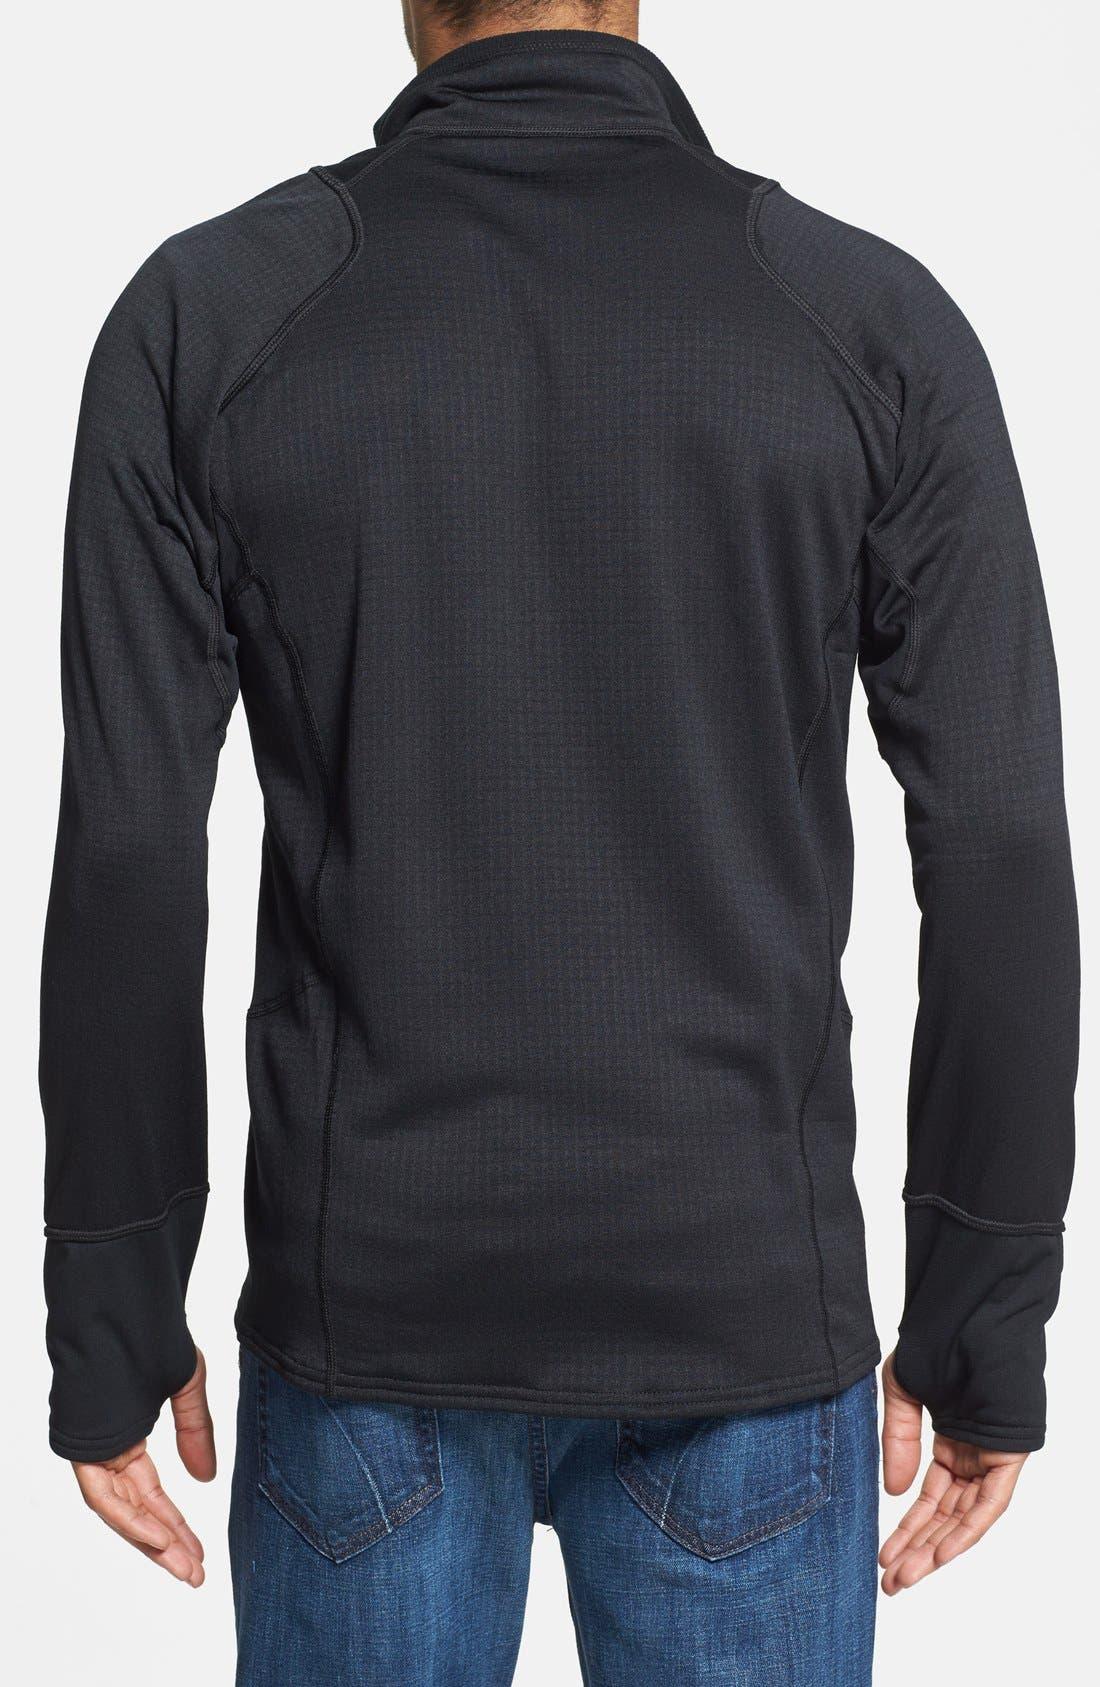 Alternate Image 2  - Patagonia 'R1®' Slim Fit Full Zip Fleece Jacket